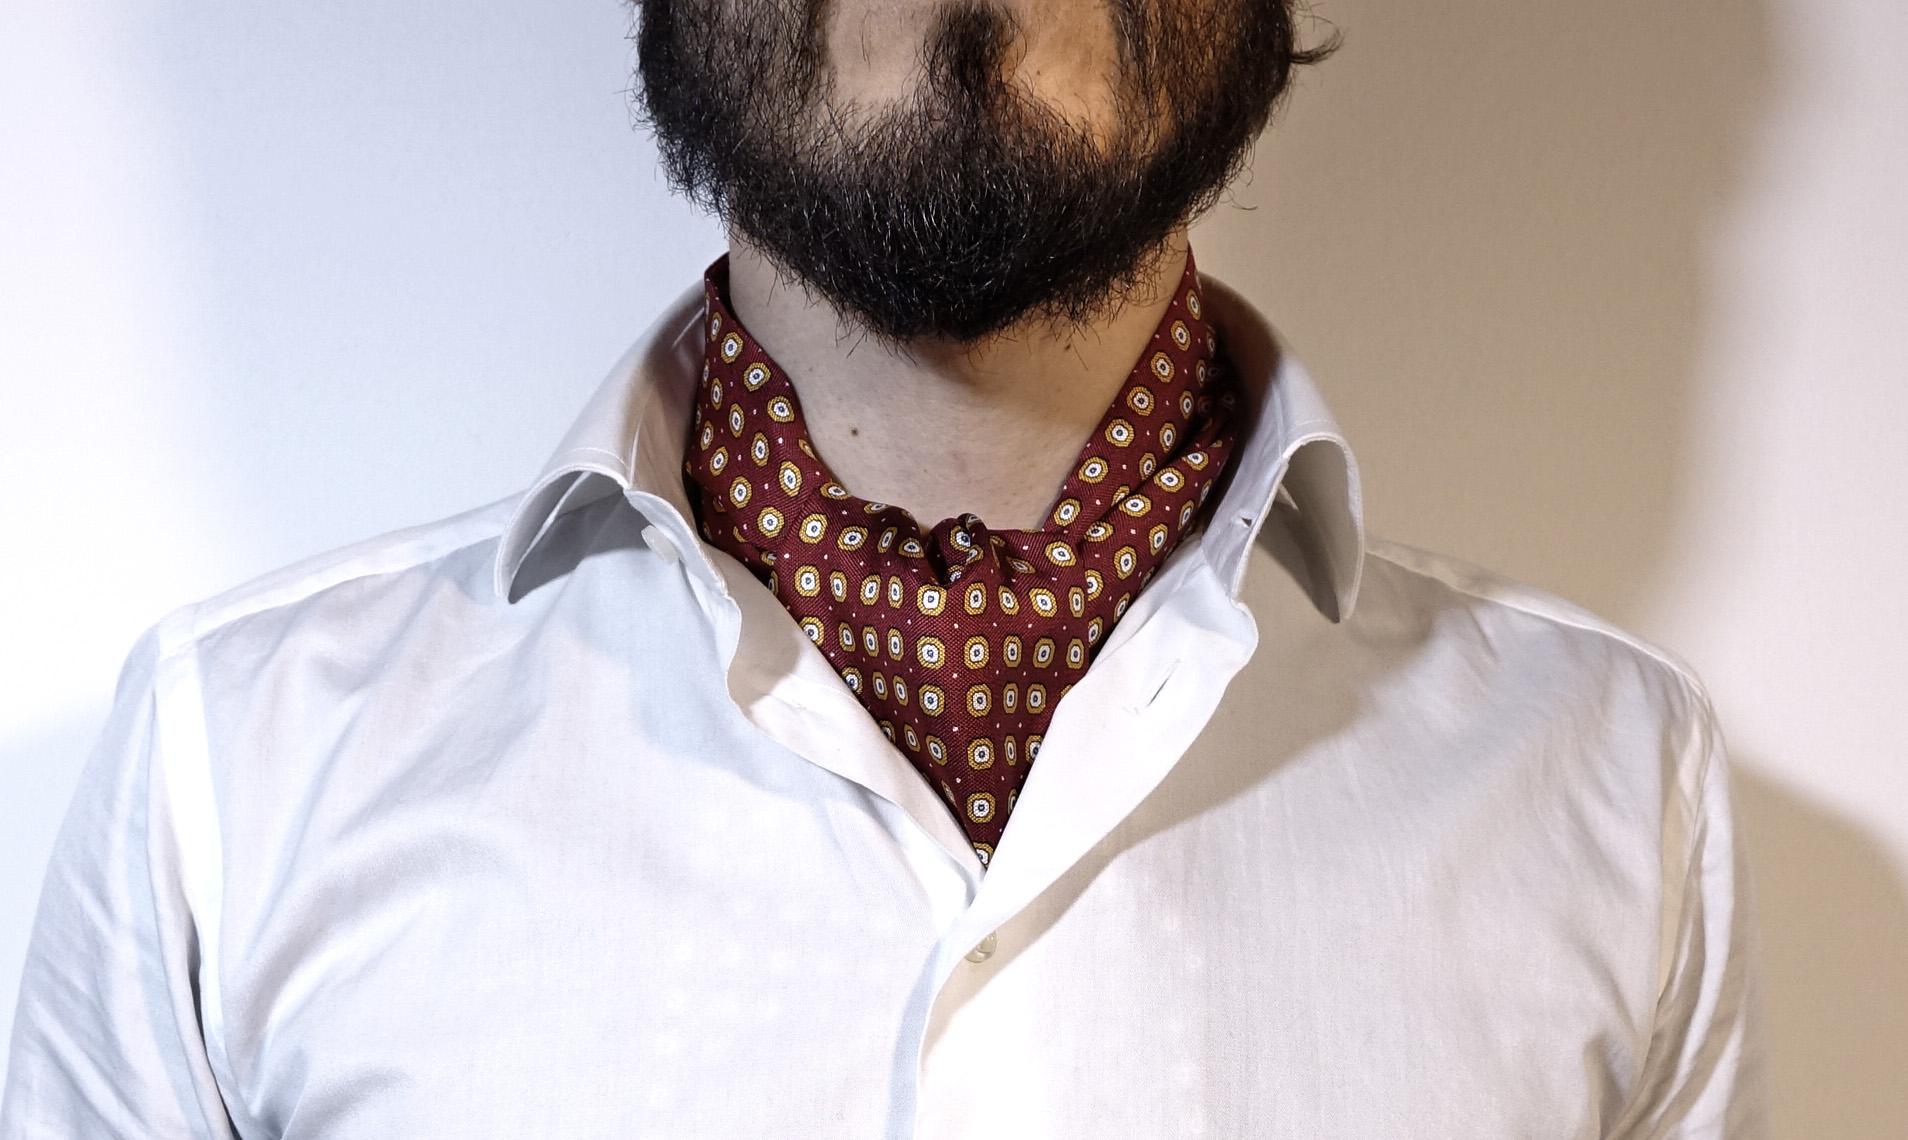 Foulard Uomo Matrimonio : Ascot uomo il gran ritorno del foulard da cravatte